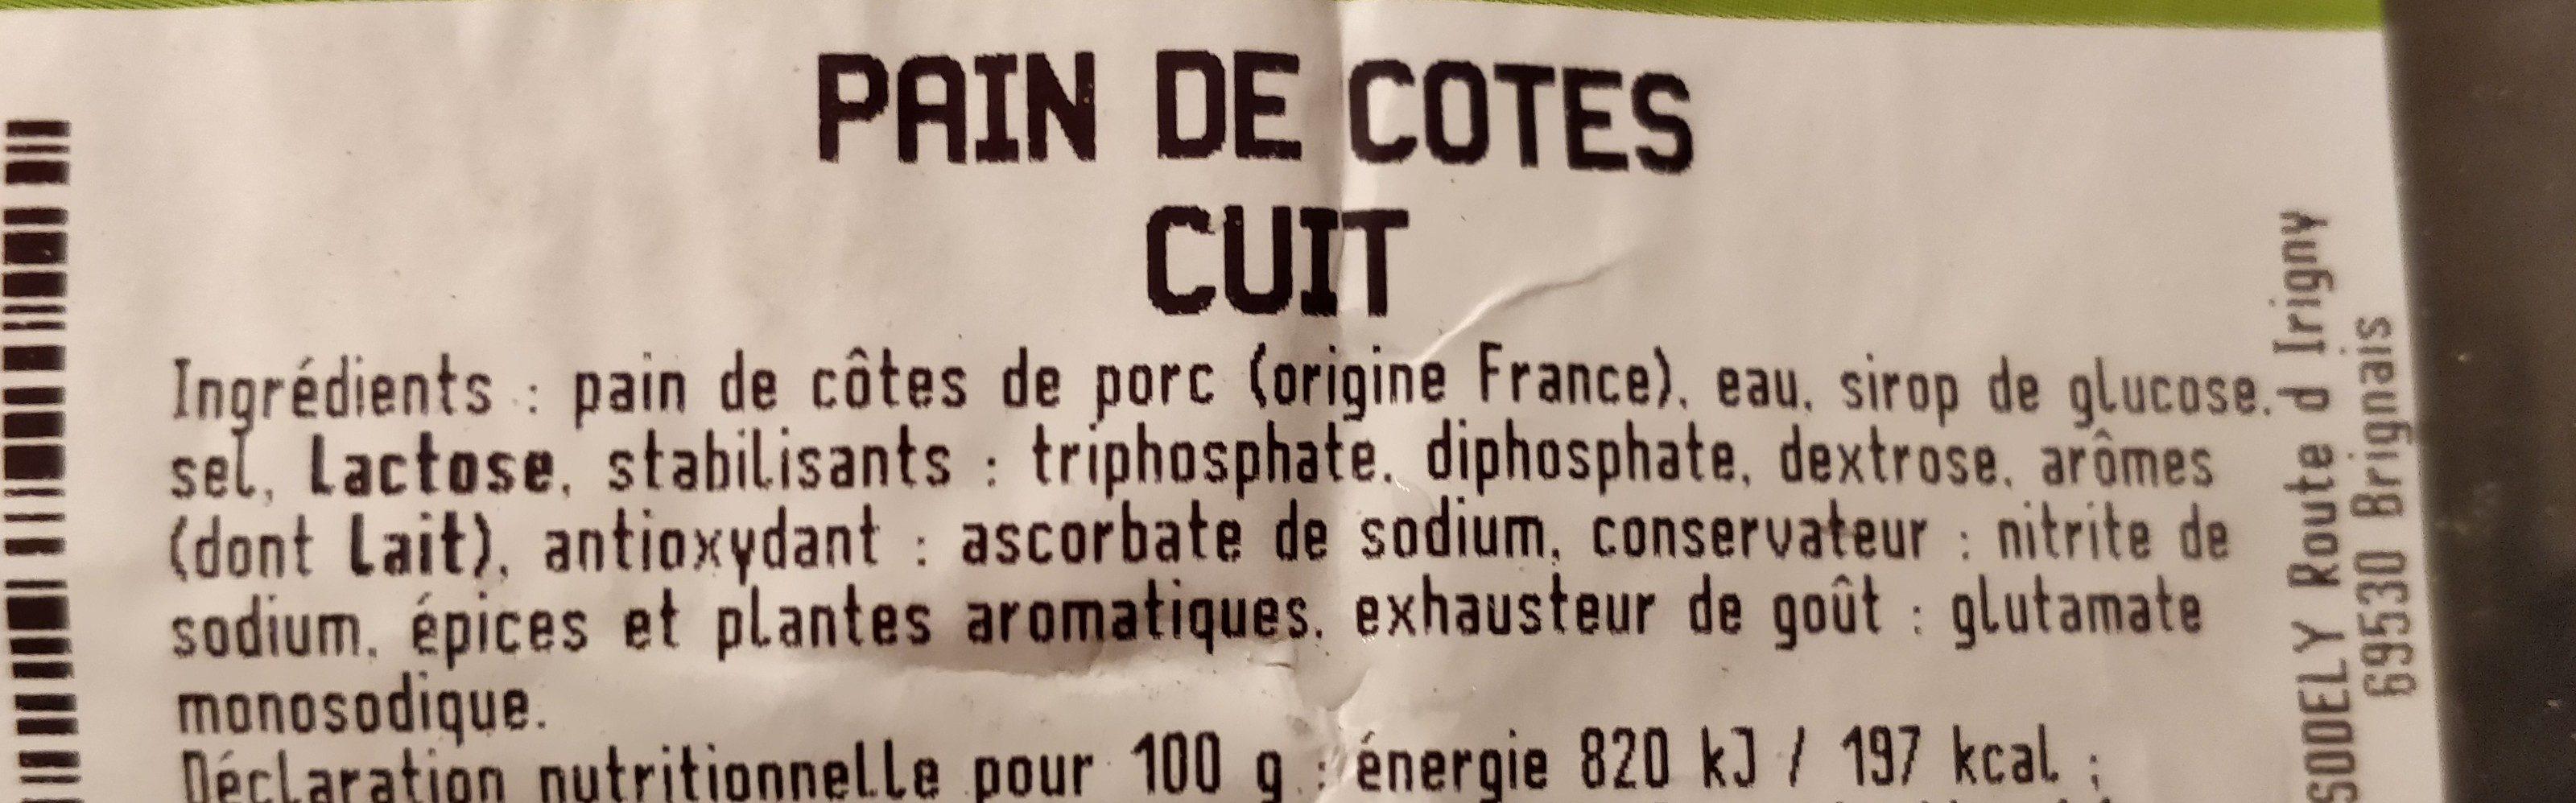 Pain de cotes cuit - Ingrediënten - fr